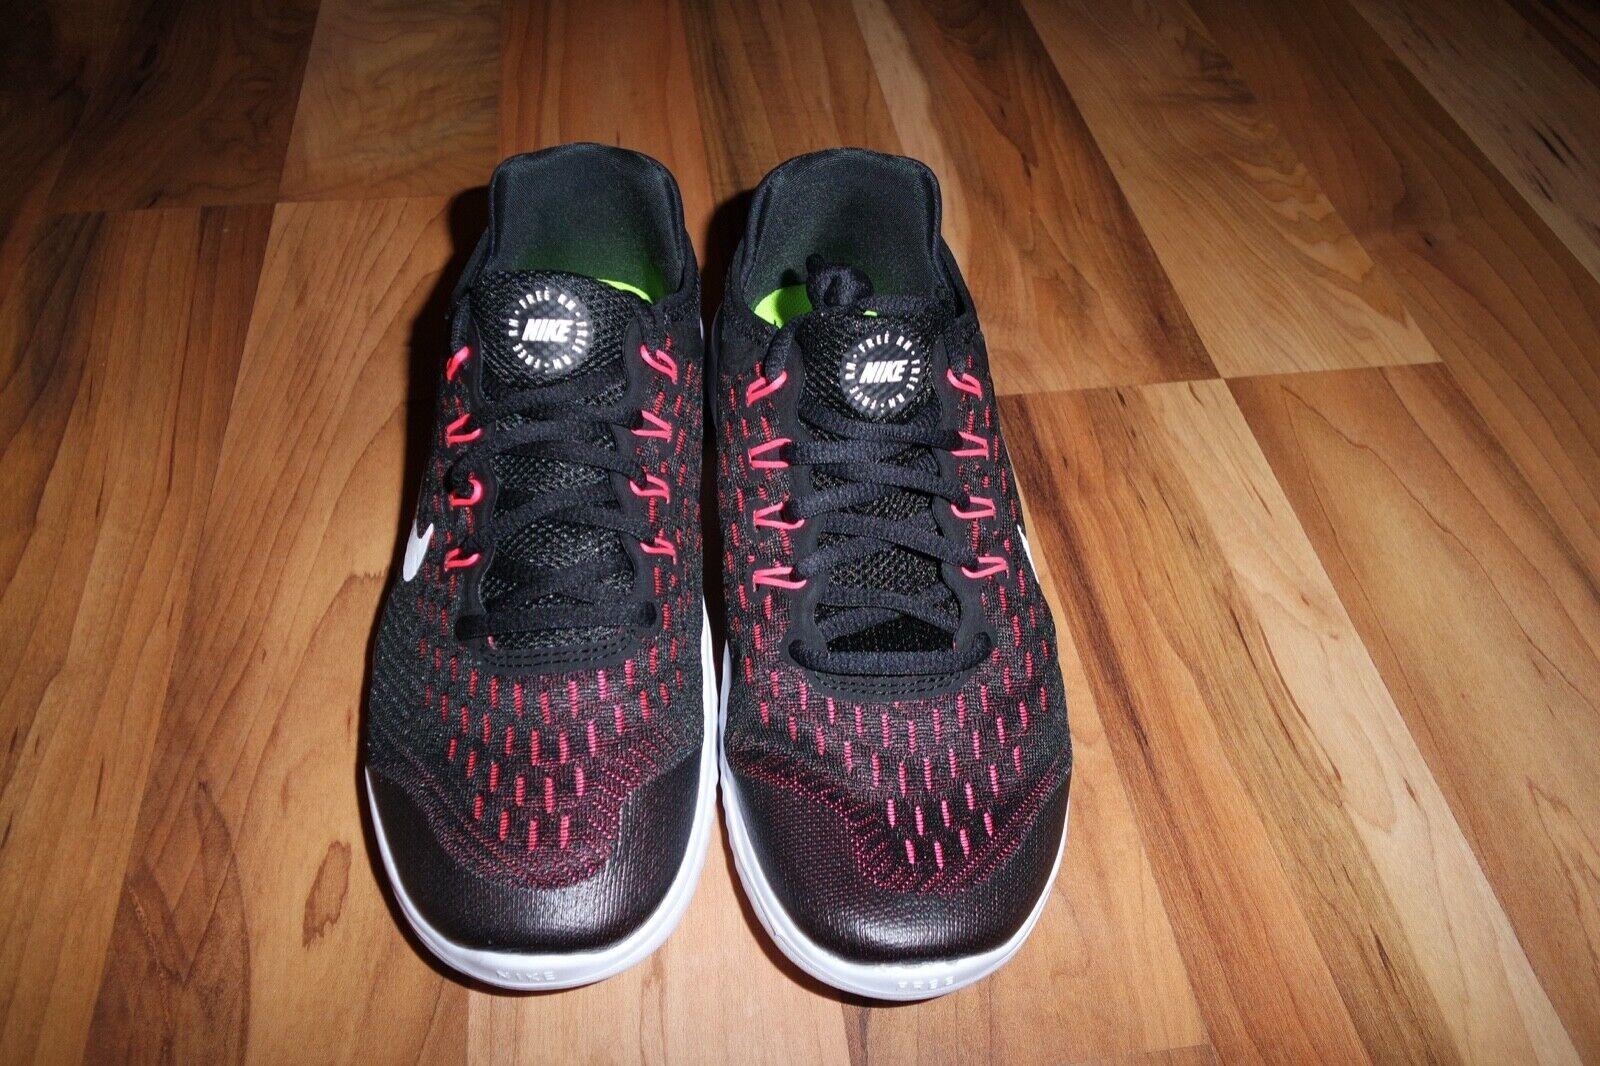 Nike Free rn 2018 (grade-school) 6Y para mujeres Niñas Entrenamiento Correr Tenis AH3457-001 5Y 6Y (grade-school) 7909b4